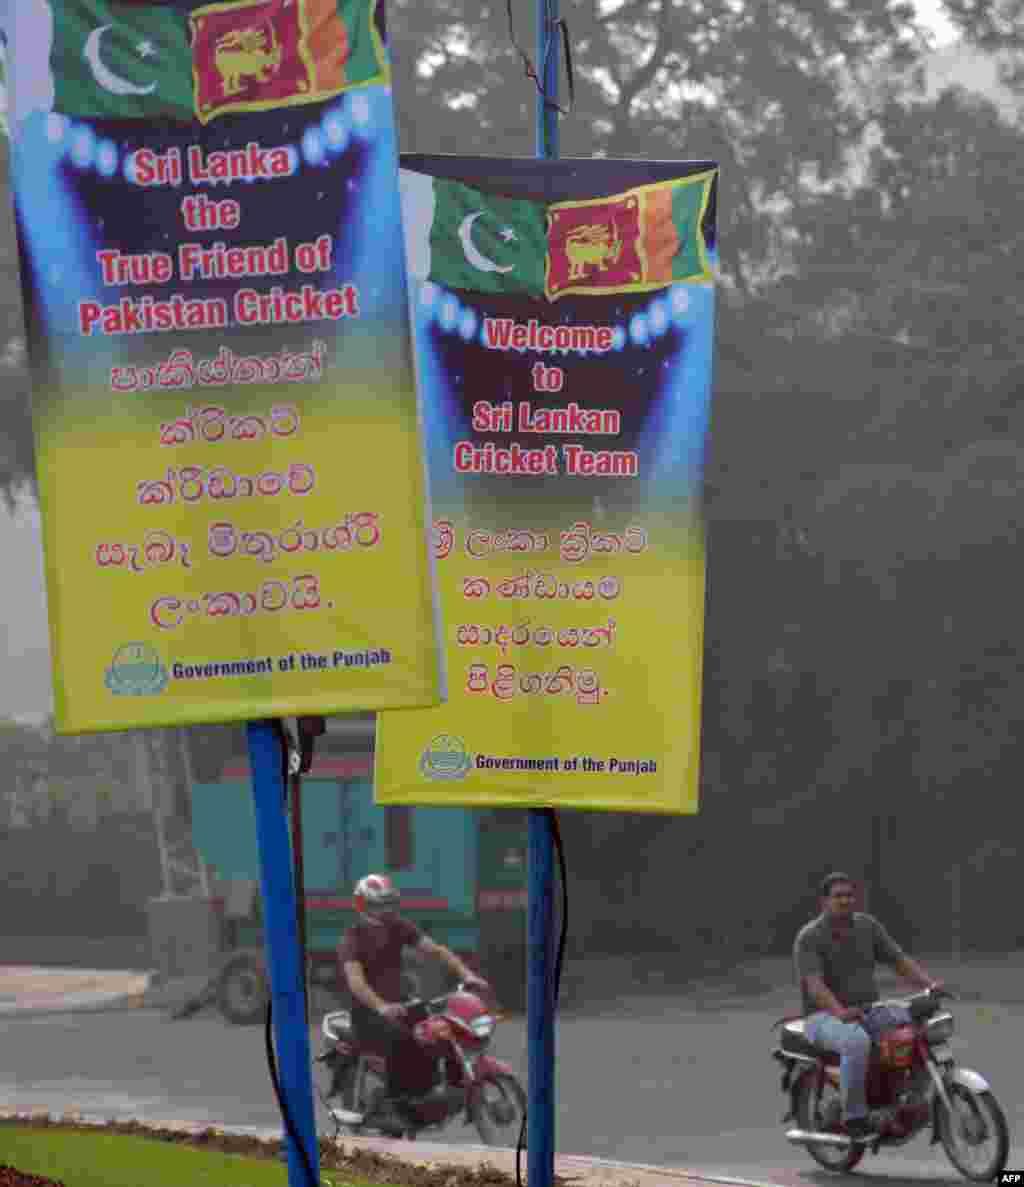 د سریلانکا لوبډلې ته تود هرکلی ویل شوی وو